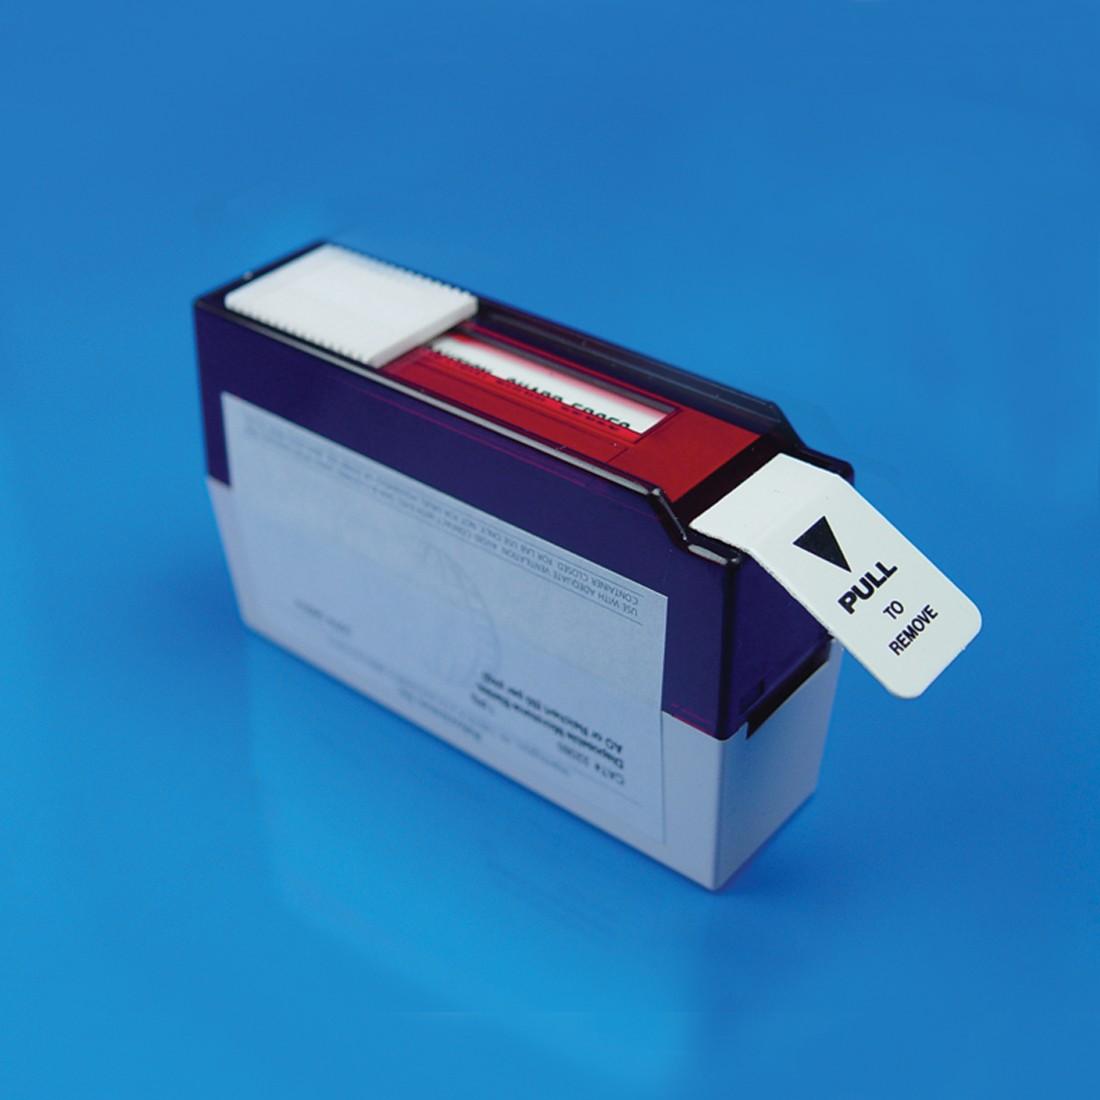 Microtome Blades, Disposable - AO/Reichert